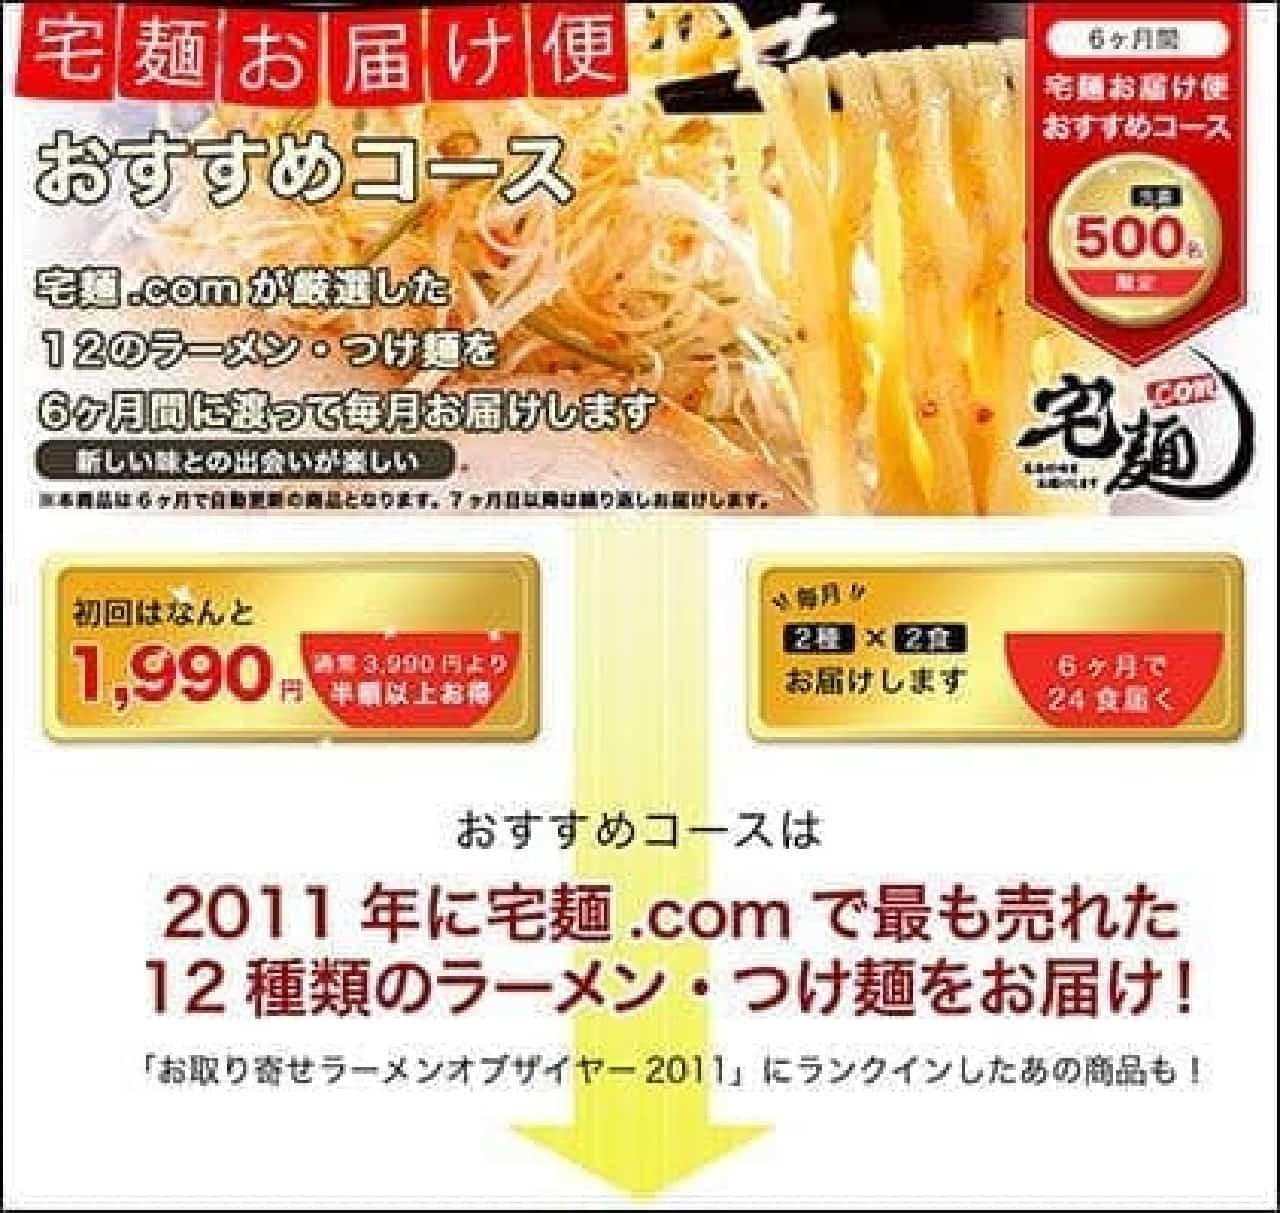 「宅麺.com」が日本初、お取り寄せラーメンの定期・定額購入サービスを開始!